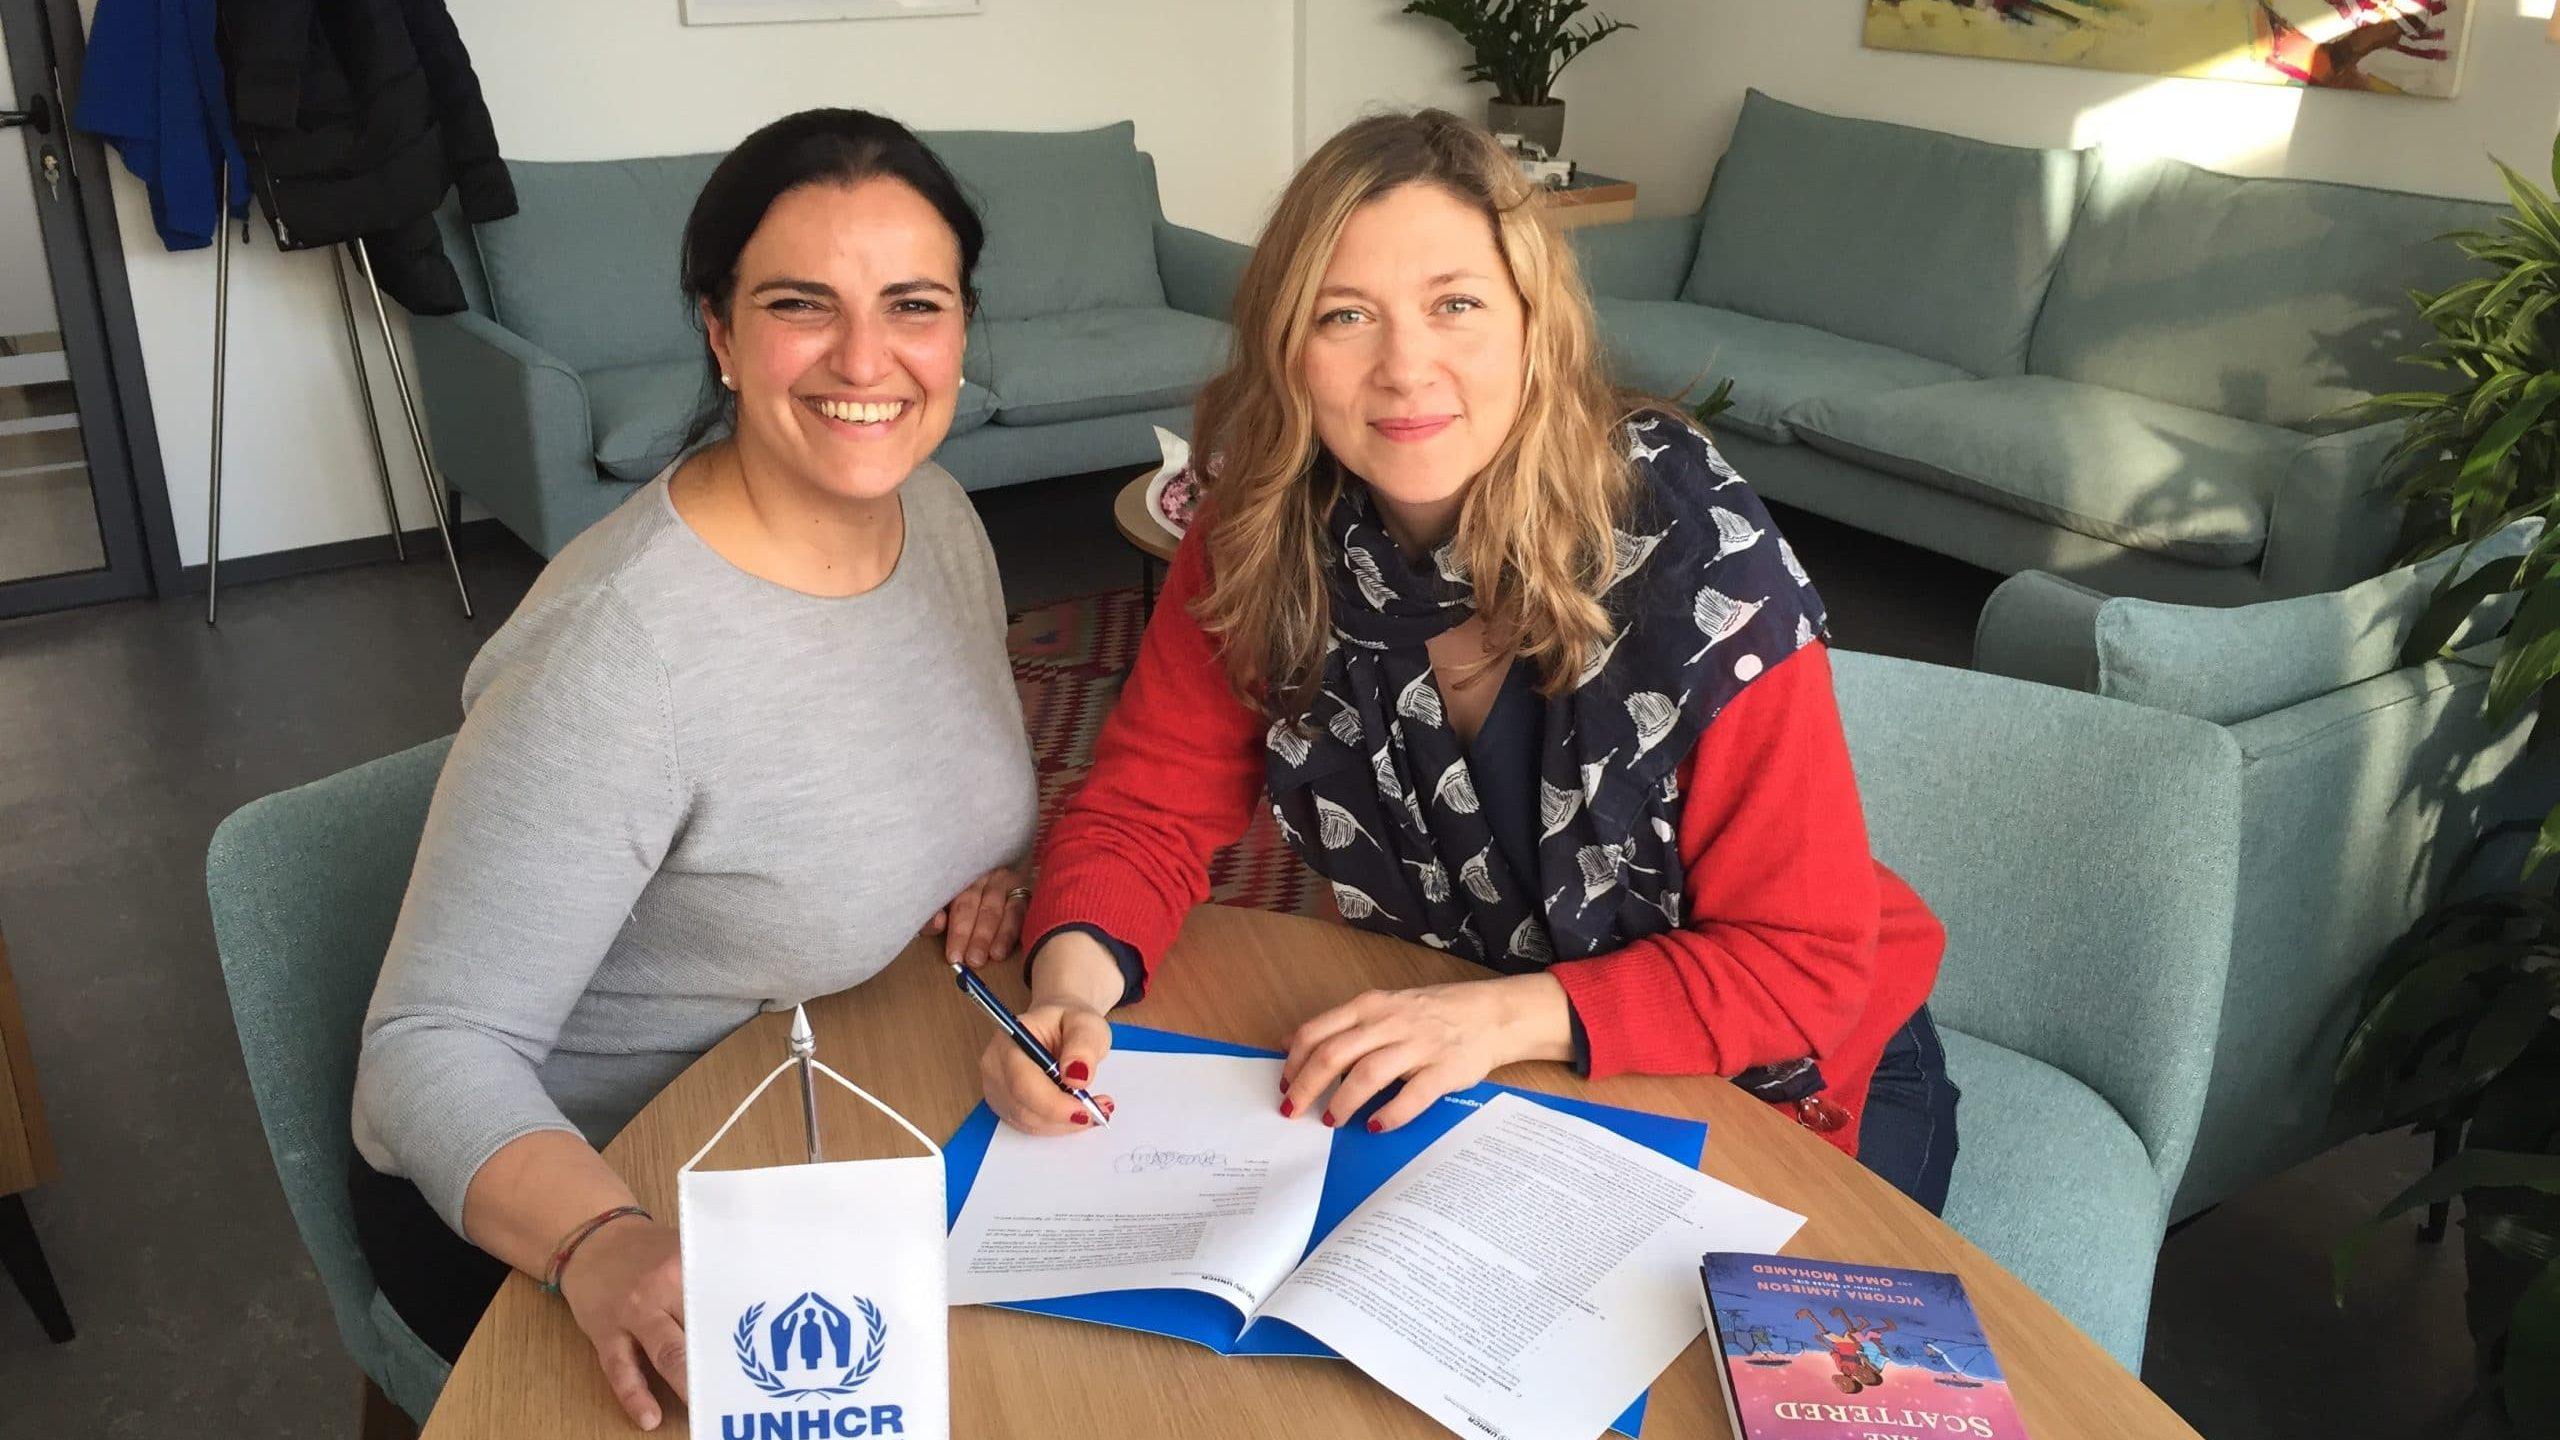 Branka Katić podržava rad UNHCR na pomoći izbeglicama u Srbiji 16